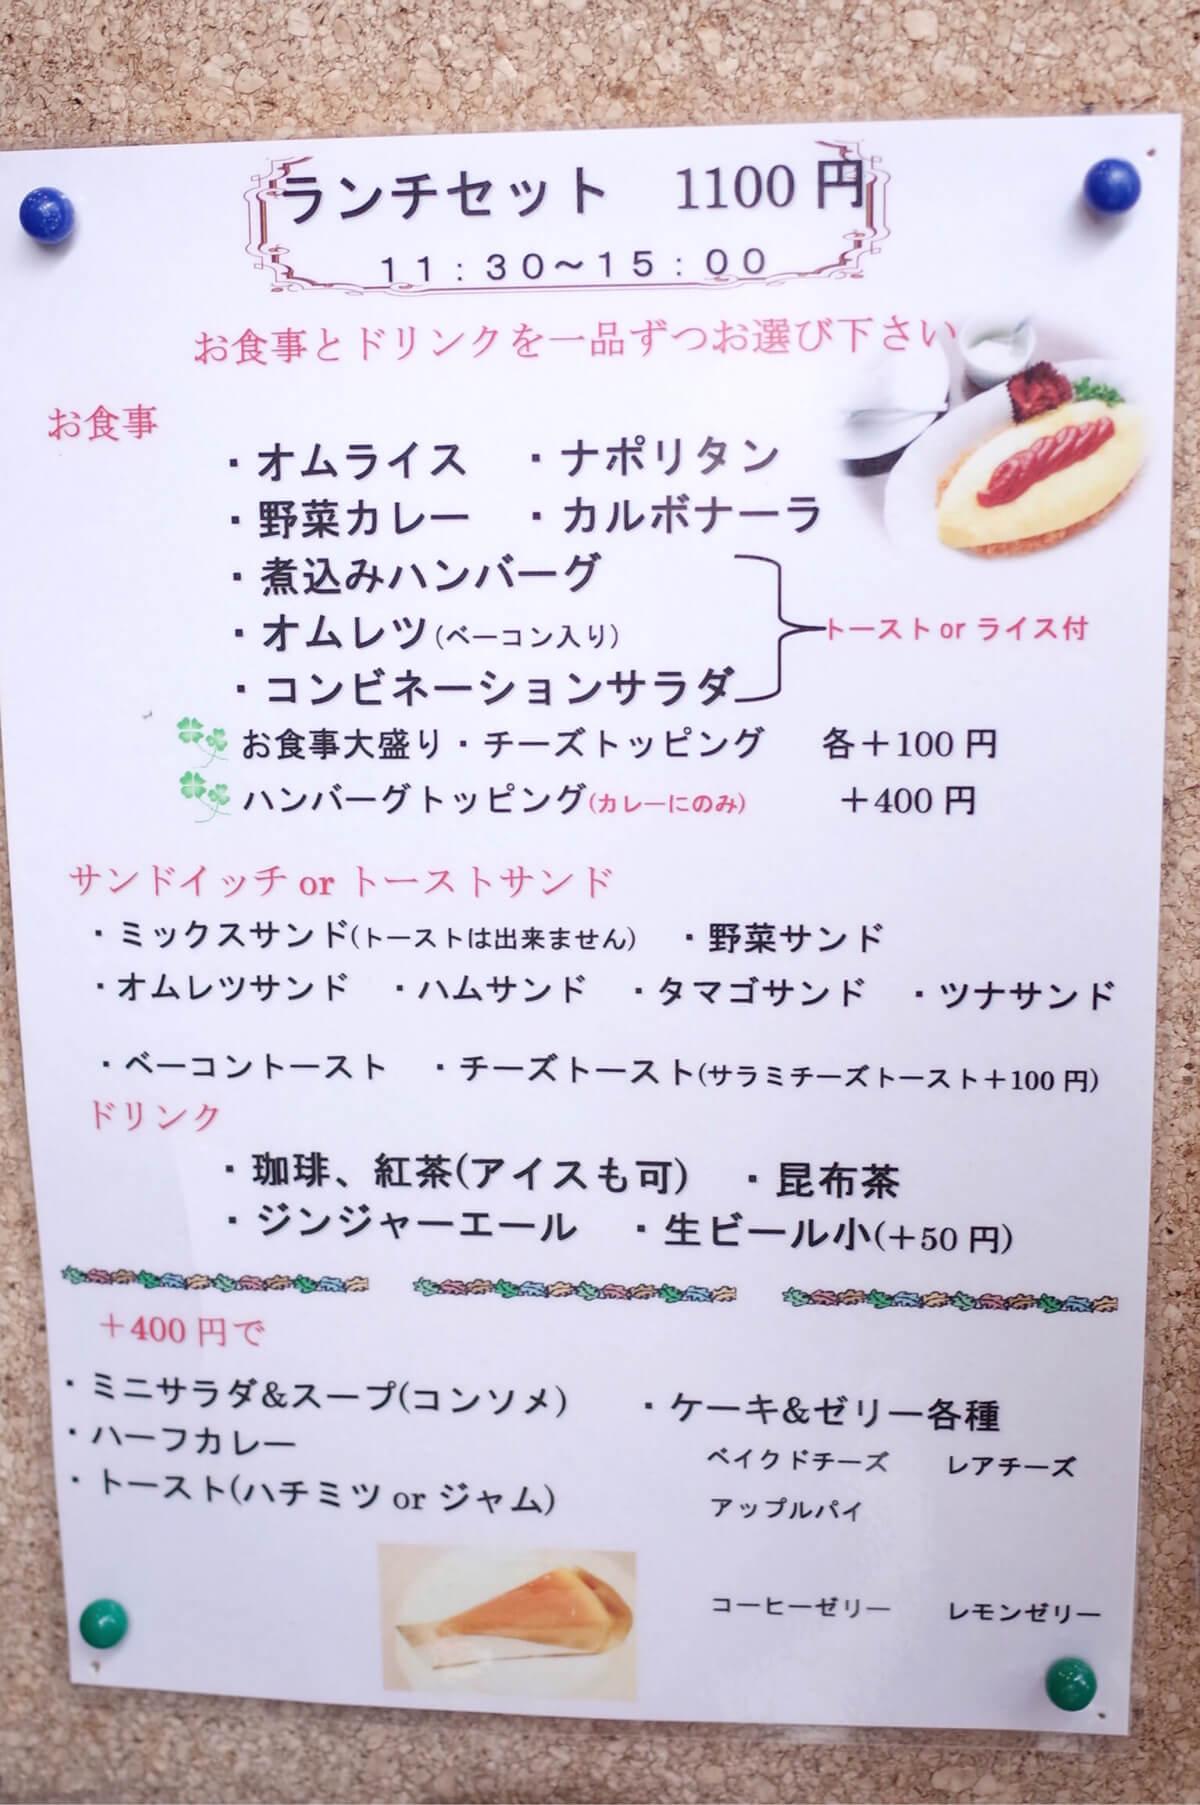 東銀座 喫茶YOU メニュー